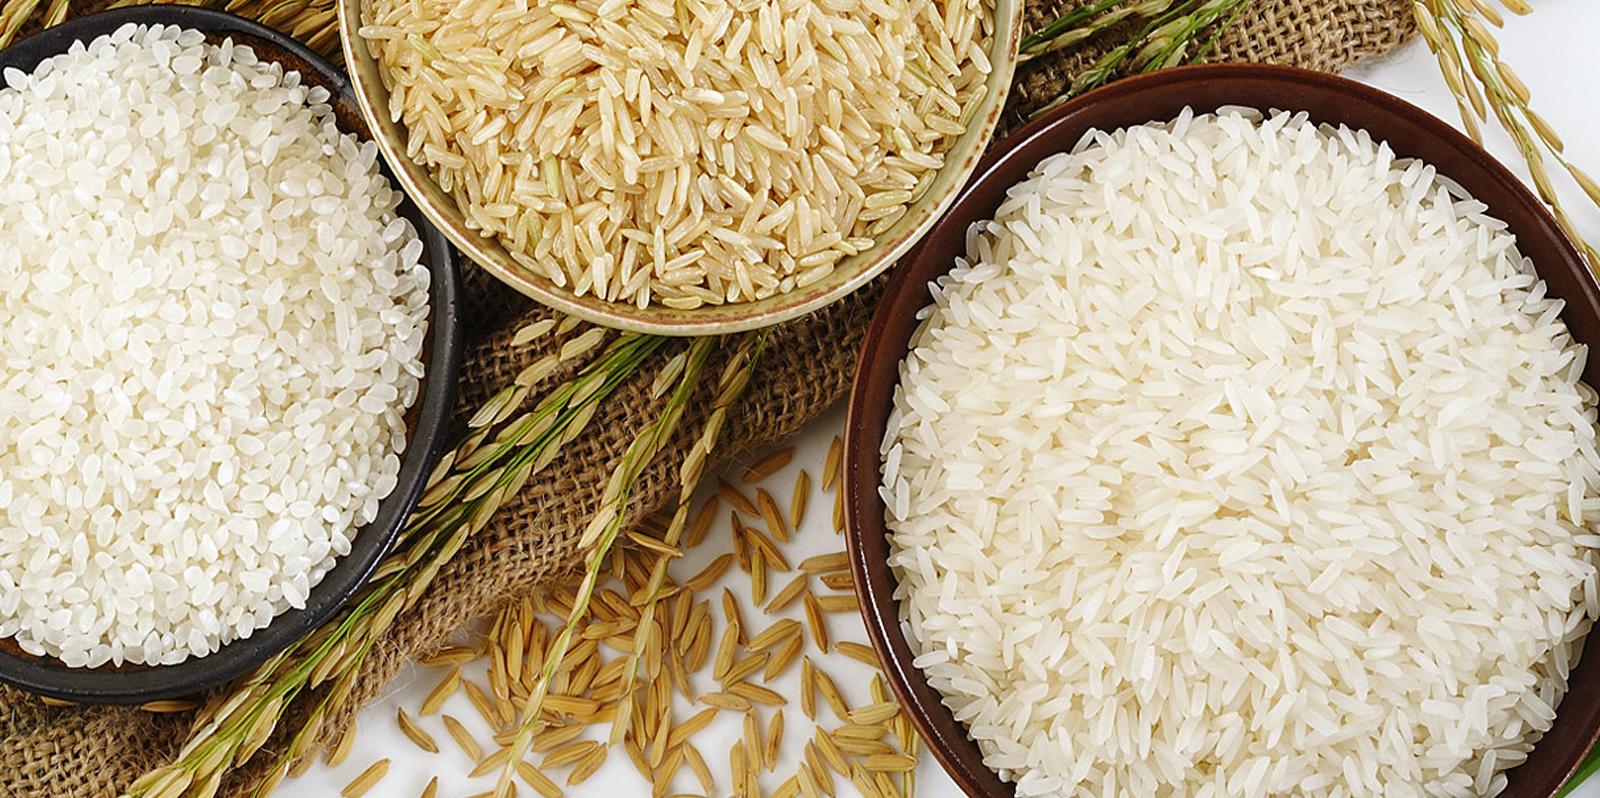 Второй год подряд тайский рис Хом-Мали признан лучшим в мире